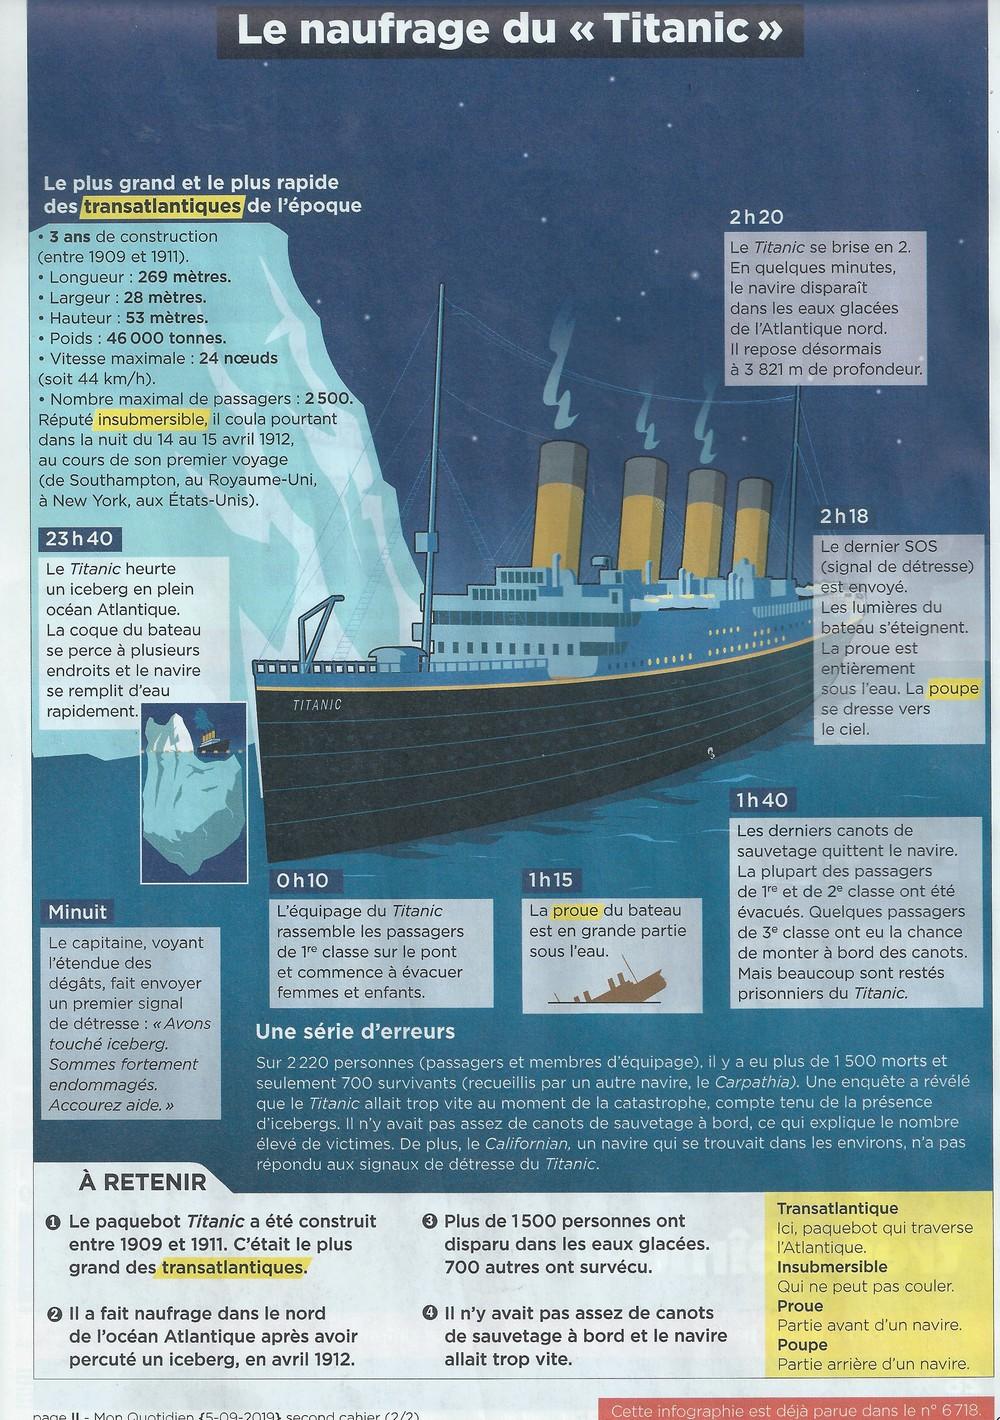 """Articles sur le Titanic dans """"Mon Quotidien"""" (2019) Quotid11"""